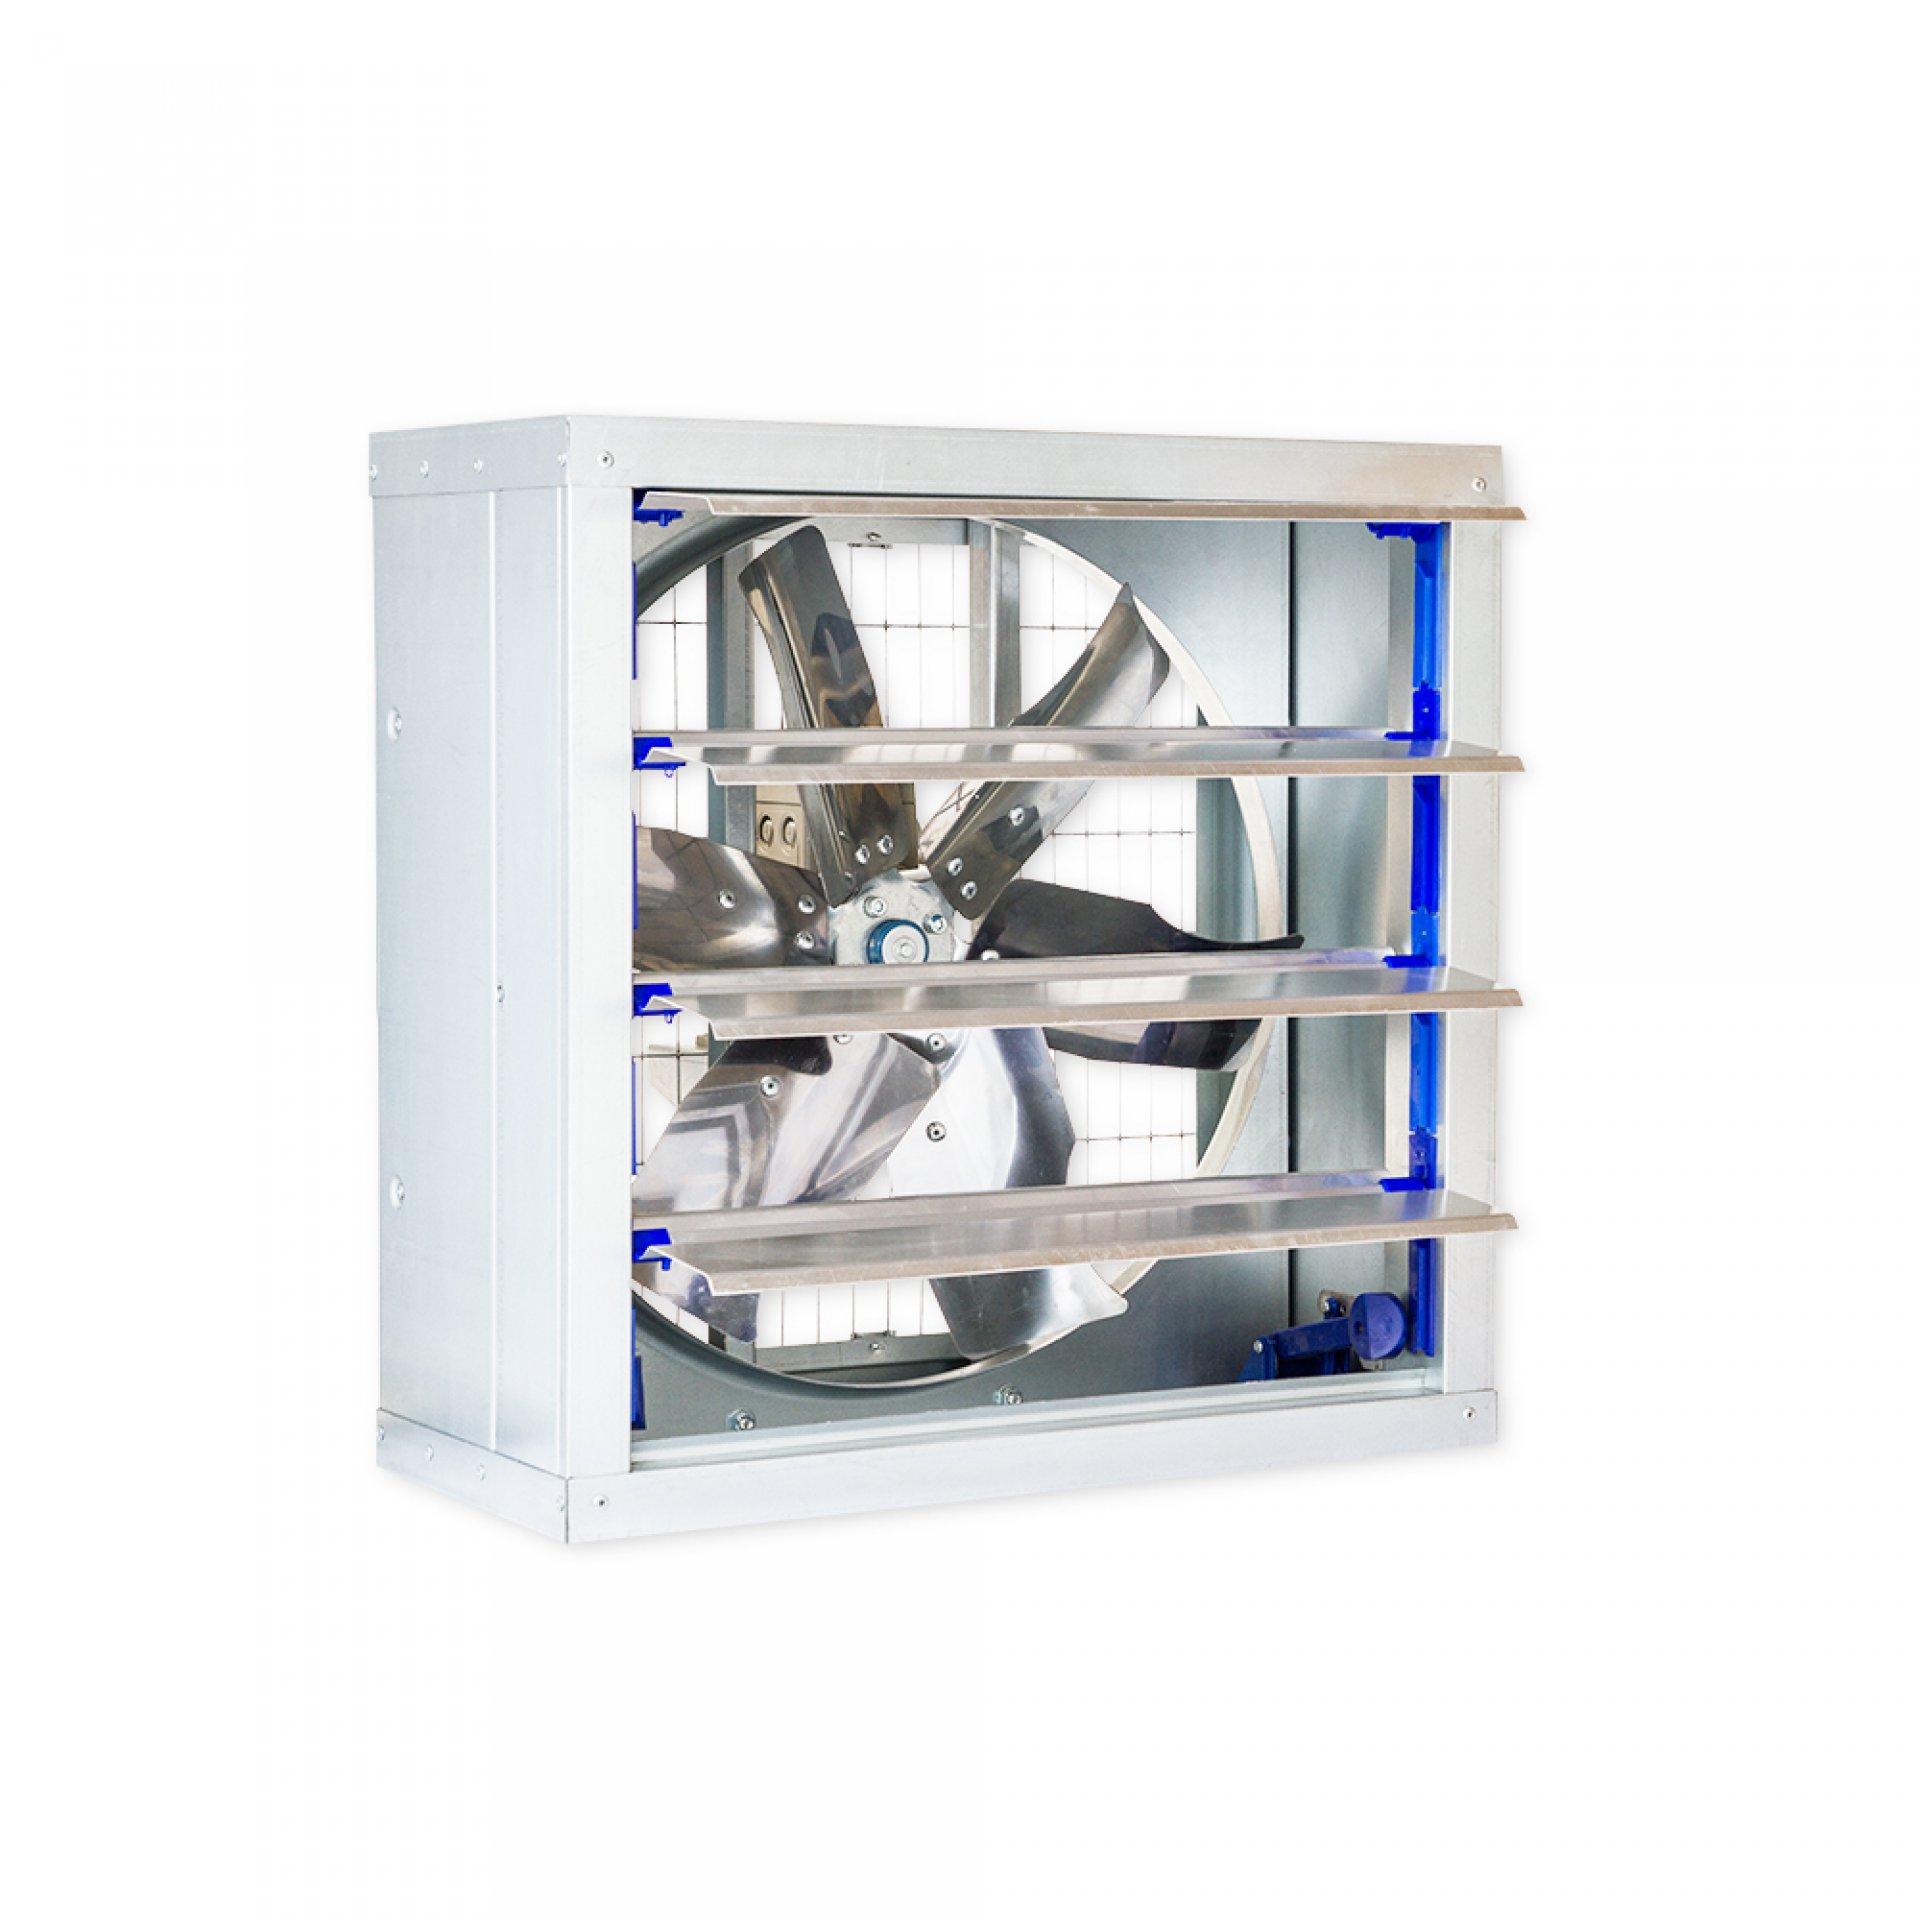 560-grill-to-shutter-fan-type